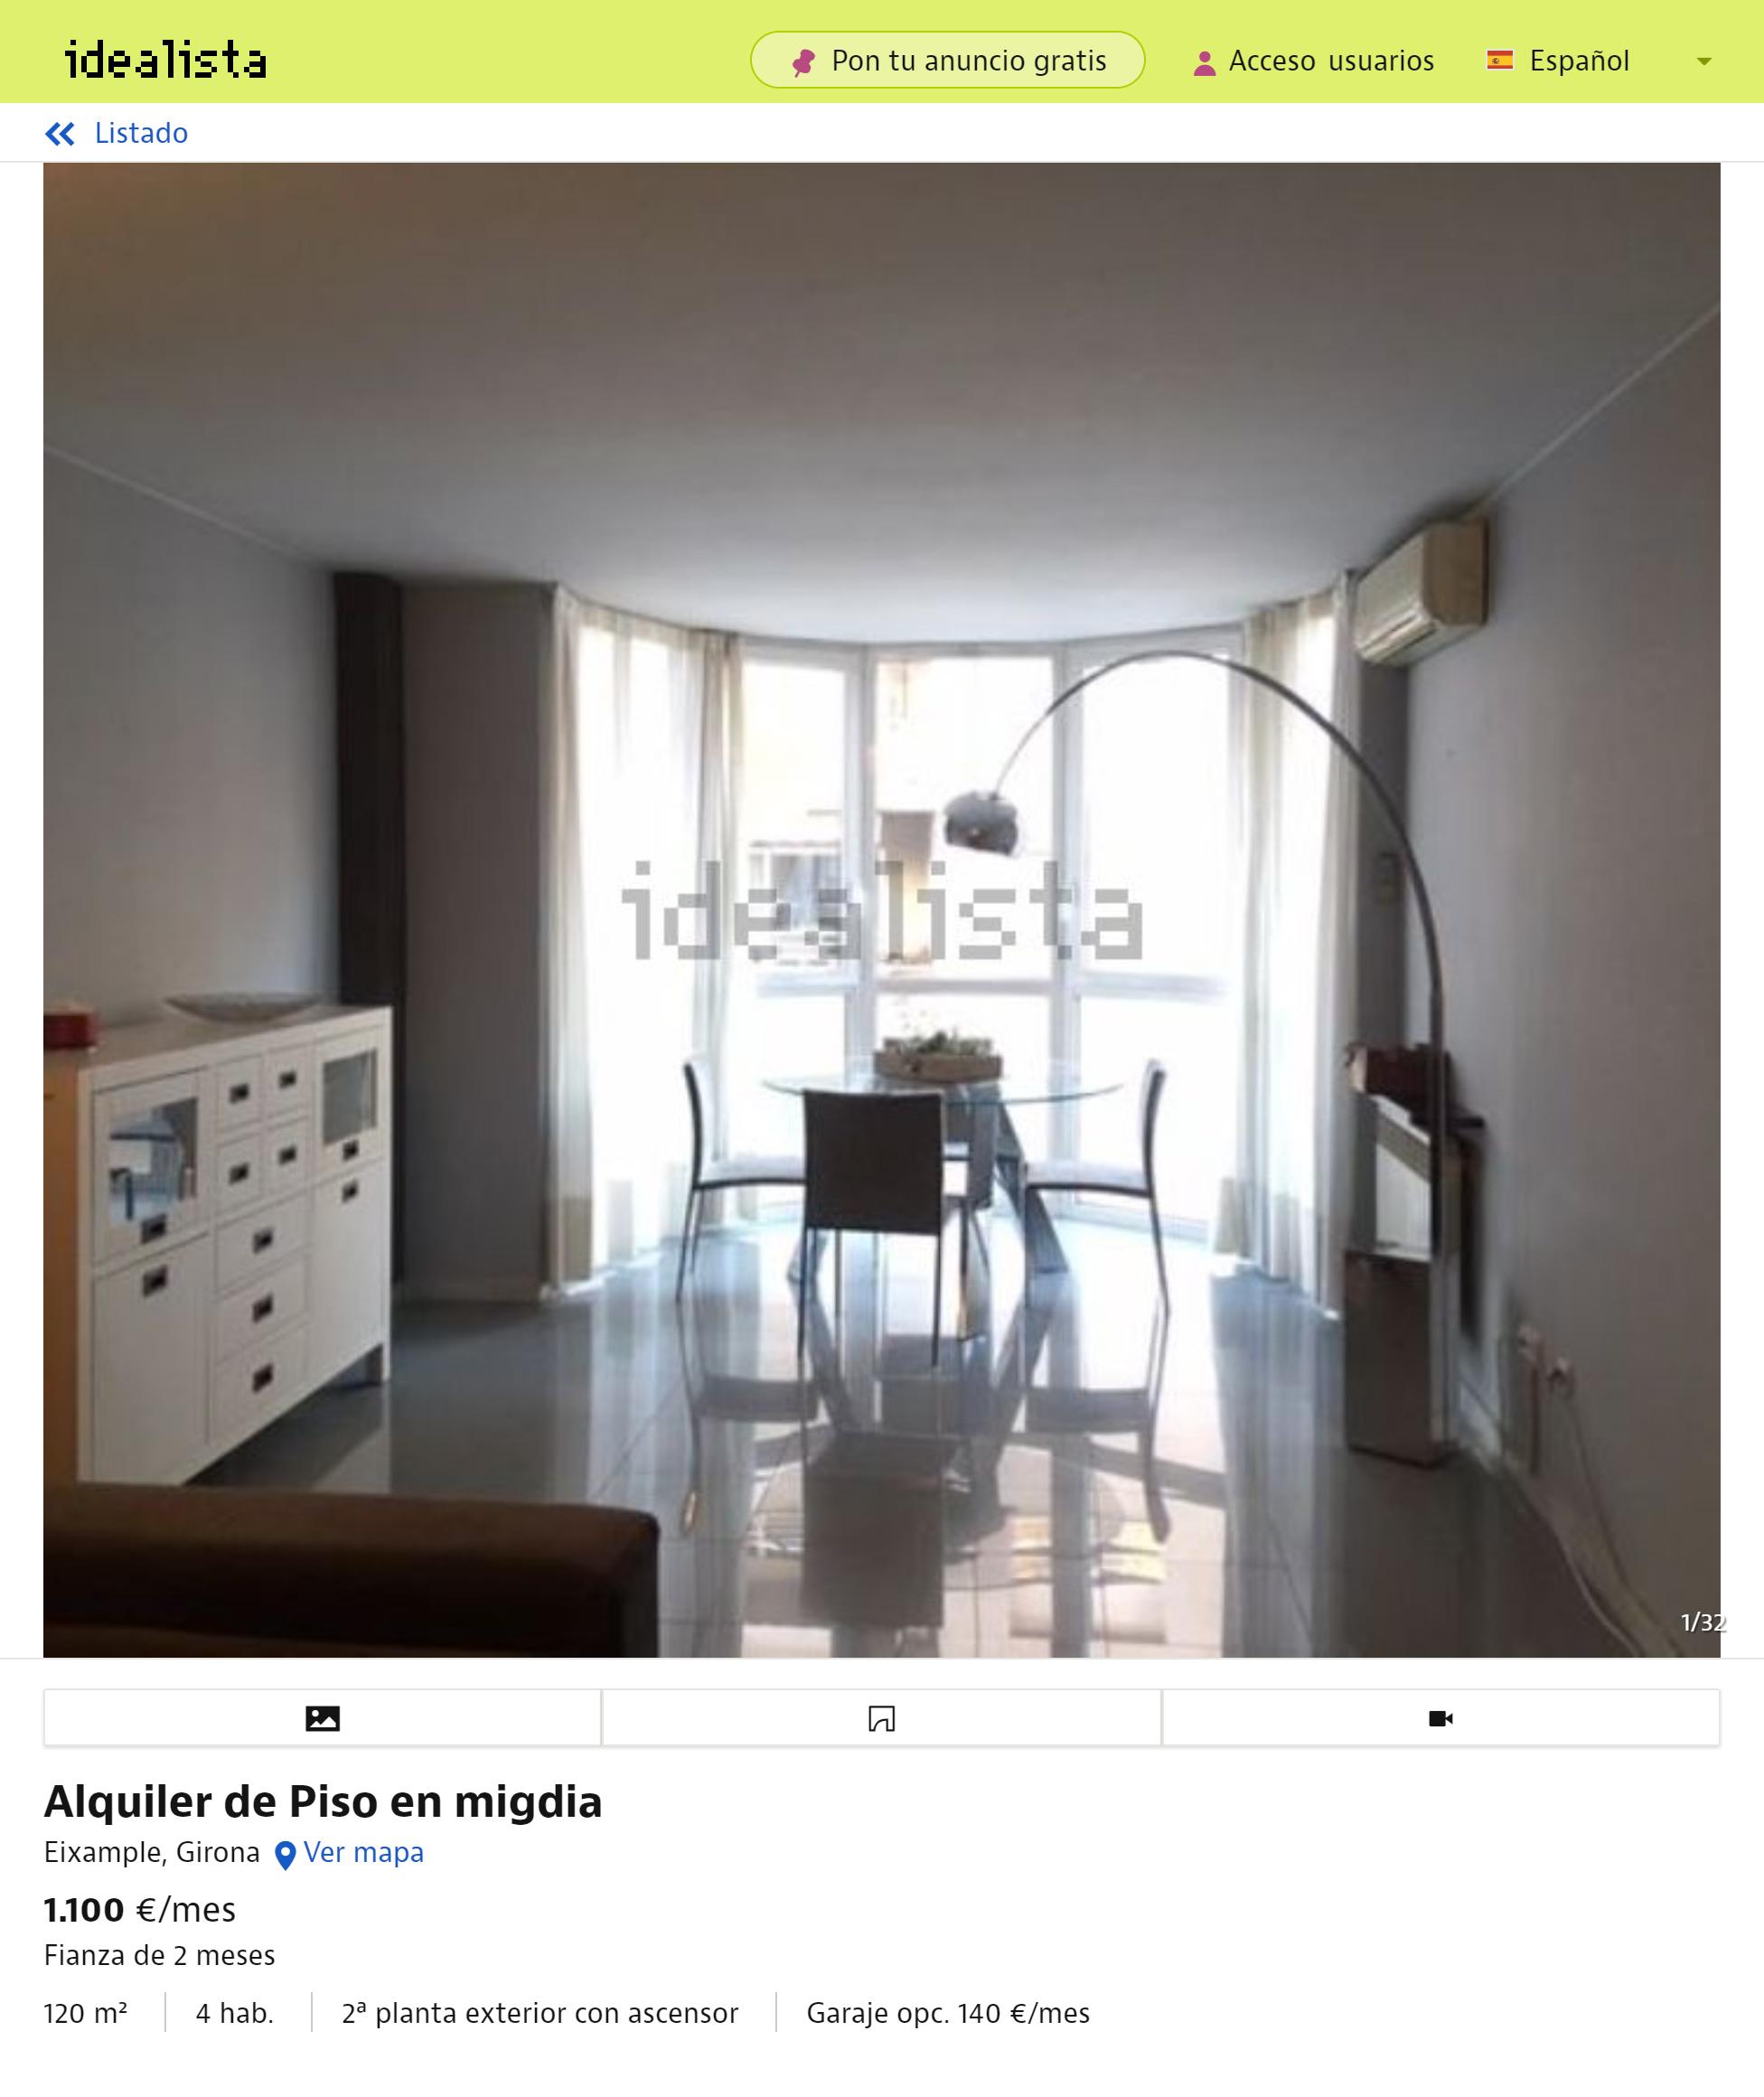 Квартира в районе Pedret площадью 91м² с тремя спальнями — 700€ в месяц. Гараж включен в стоимость. Хозяева требуют залог за полгода